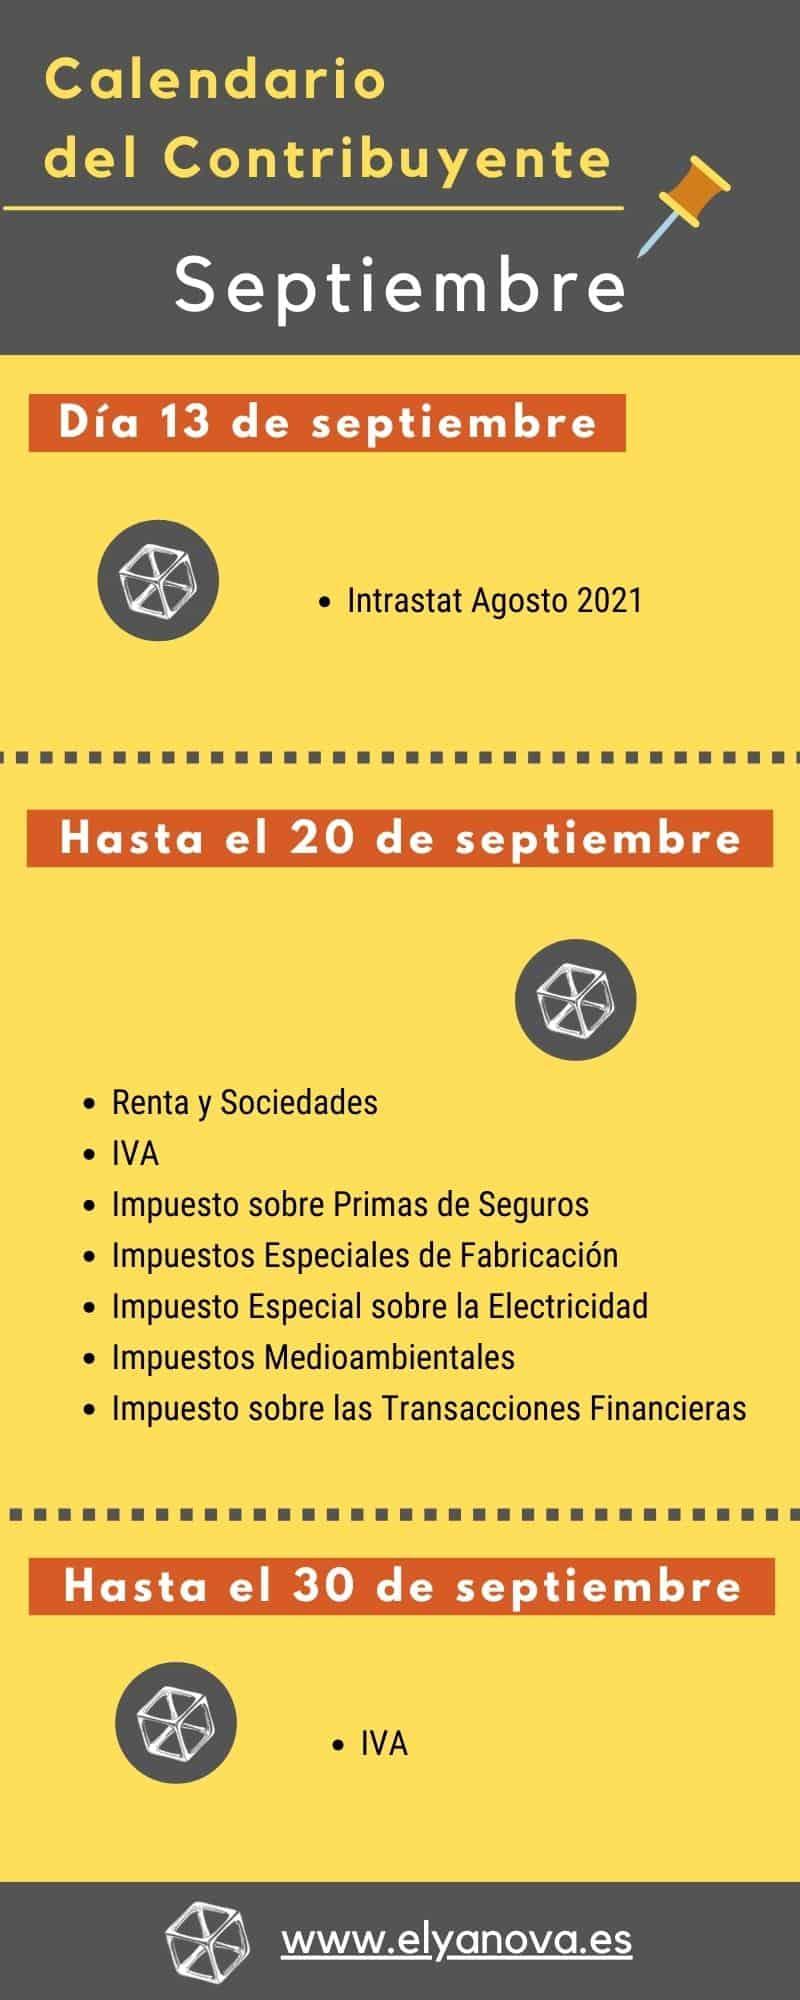 infografía calendario del contribuyente septiembre 2021